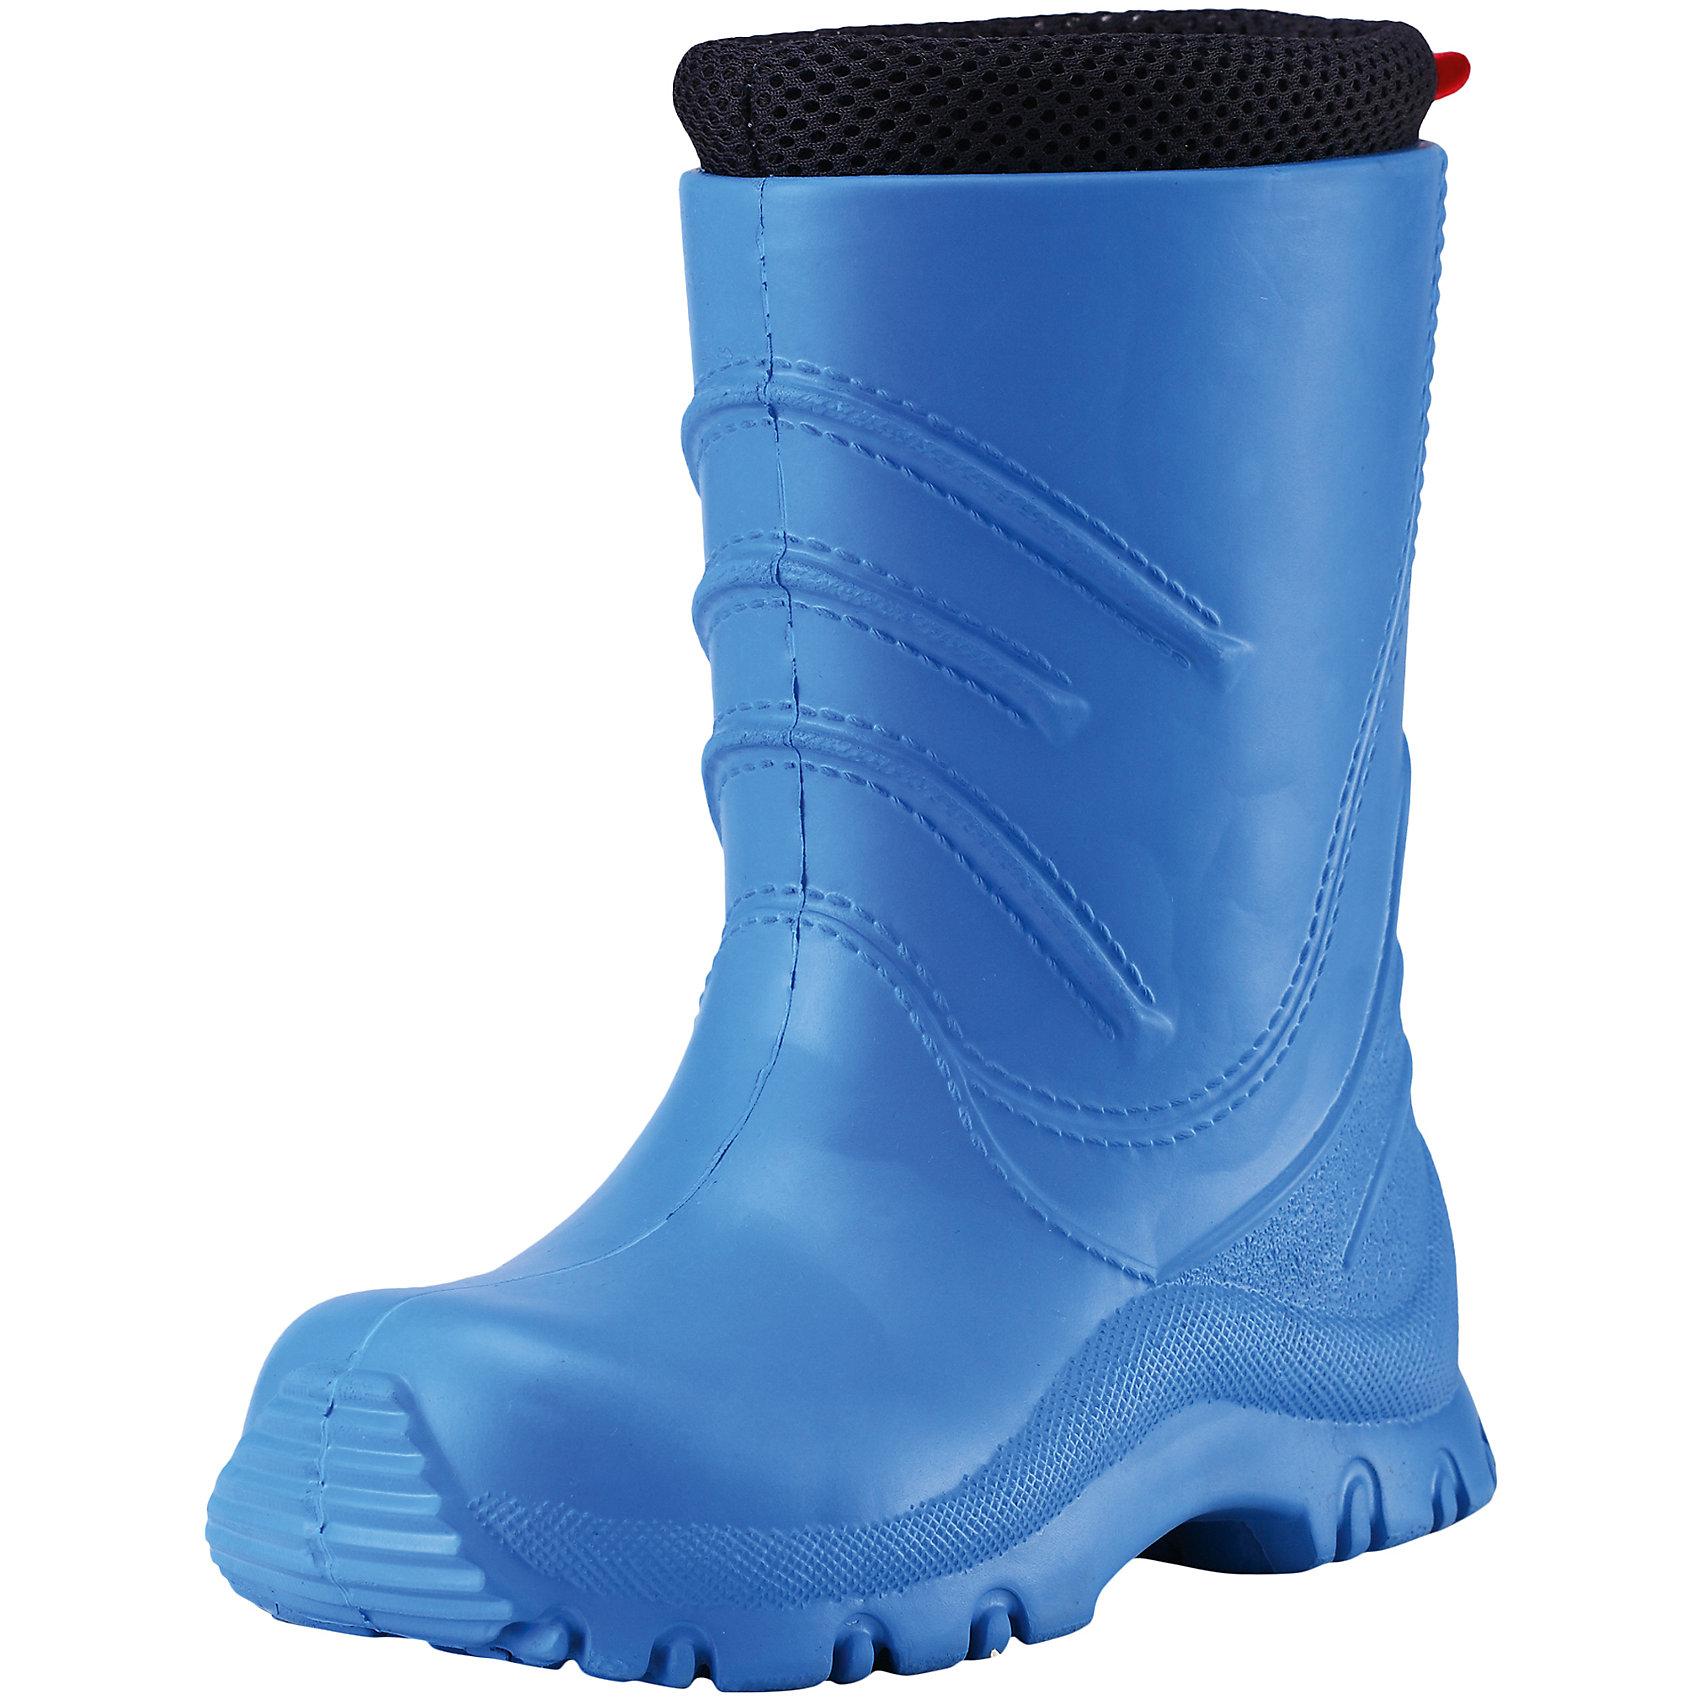 Резиновые сапоги Frillo для мальчика Reimatec® ReimaРезиновые сапоги  Reimatec® Reima<br>Резиновые сапоги для детей и малышей. Водонепроницаемая демисезонная обувь. Эластичная и легкая подошва из ЭВА. Текстильная подкладка. Съемный носок. Легко надеваются на ноги. Без ПХВ.<br>Уход:<br>Храните обувь в вертикальном положении при комнатной температуре. Сушить обувь всегда следует при комнатной температуре: вынув съемные стельки. Стельки следует время от времени заменять на новые. Налипшую грязь можно счищать щеткой или влажной тряпкой. Перед использованием обувь рекомендуется обрабатывать специальными защитными средствами.<br>Состав:<br>Подошва: 100% EVA, Верх: 100% EVA<br><br>Ширина мм: 237<br>Глубина мм: 180<br>Высота мм: 152<br>Вес г: 438<br>Цвет: голубой<br>Возраст от месяцев: 96<br>Возраст до месяцев: 108<br>Пол: Мужской<br>Возраст: Детский<br>Размер: 32,22,26,28,30,34,24<br>SKU: 4776632